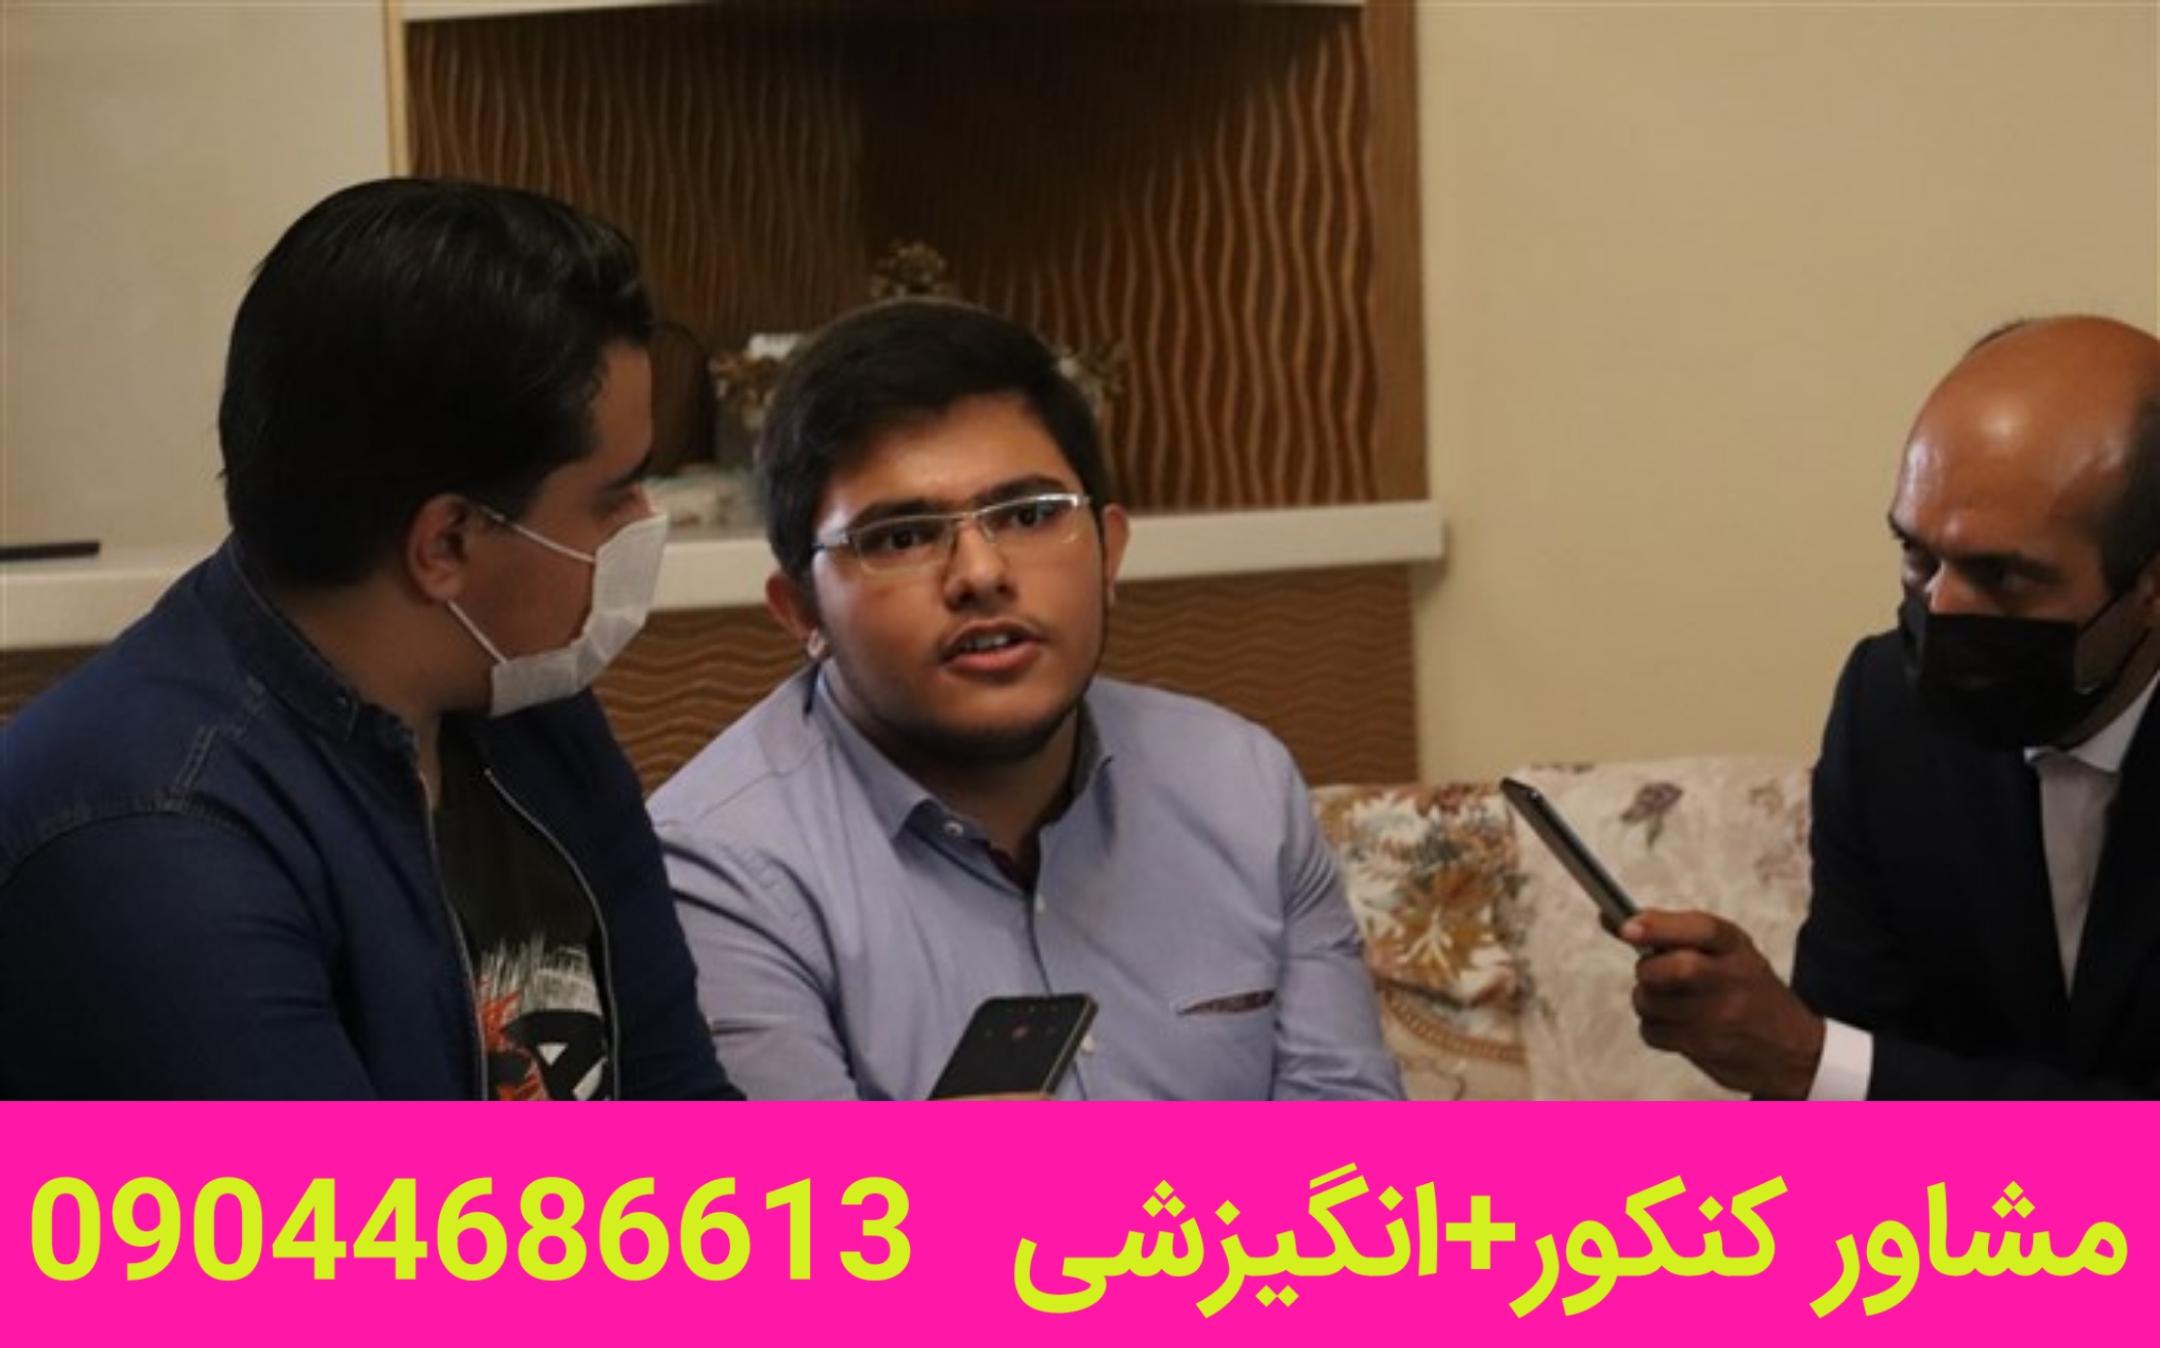 نیما ابوالحسنی_vahidimeni.ir